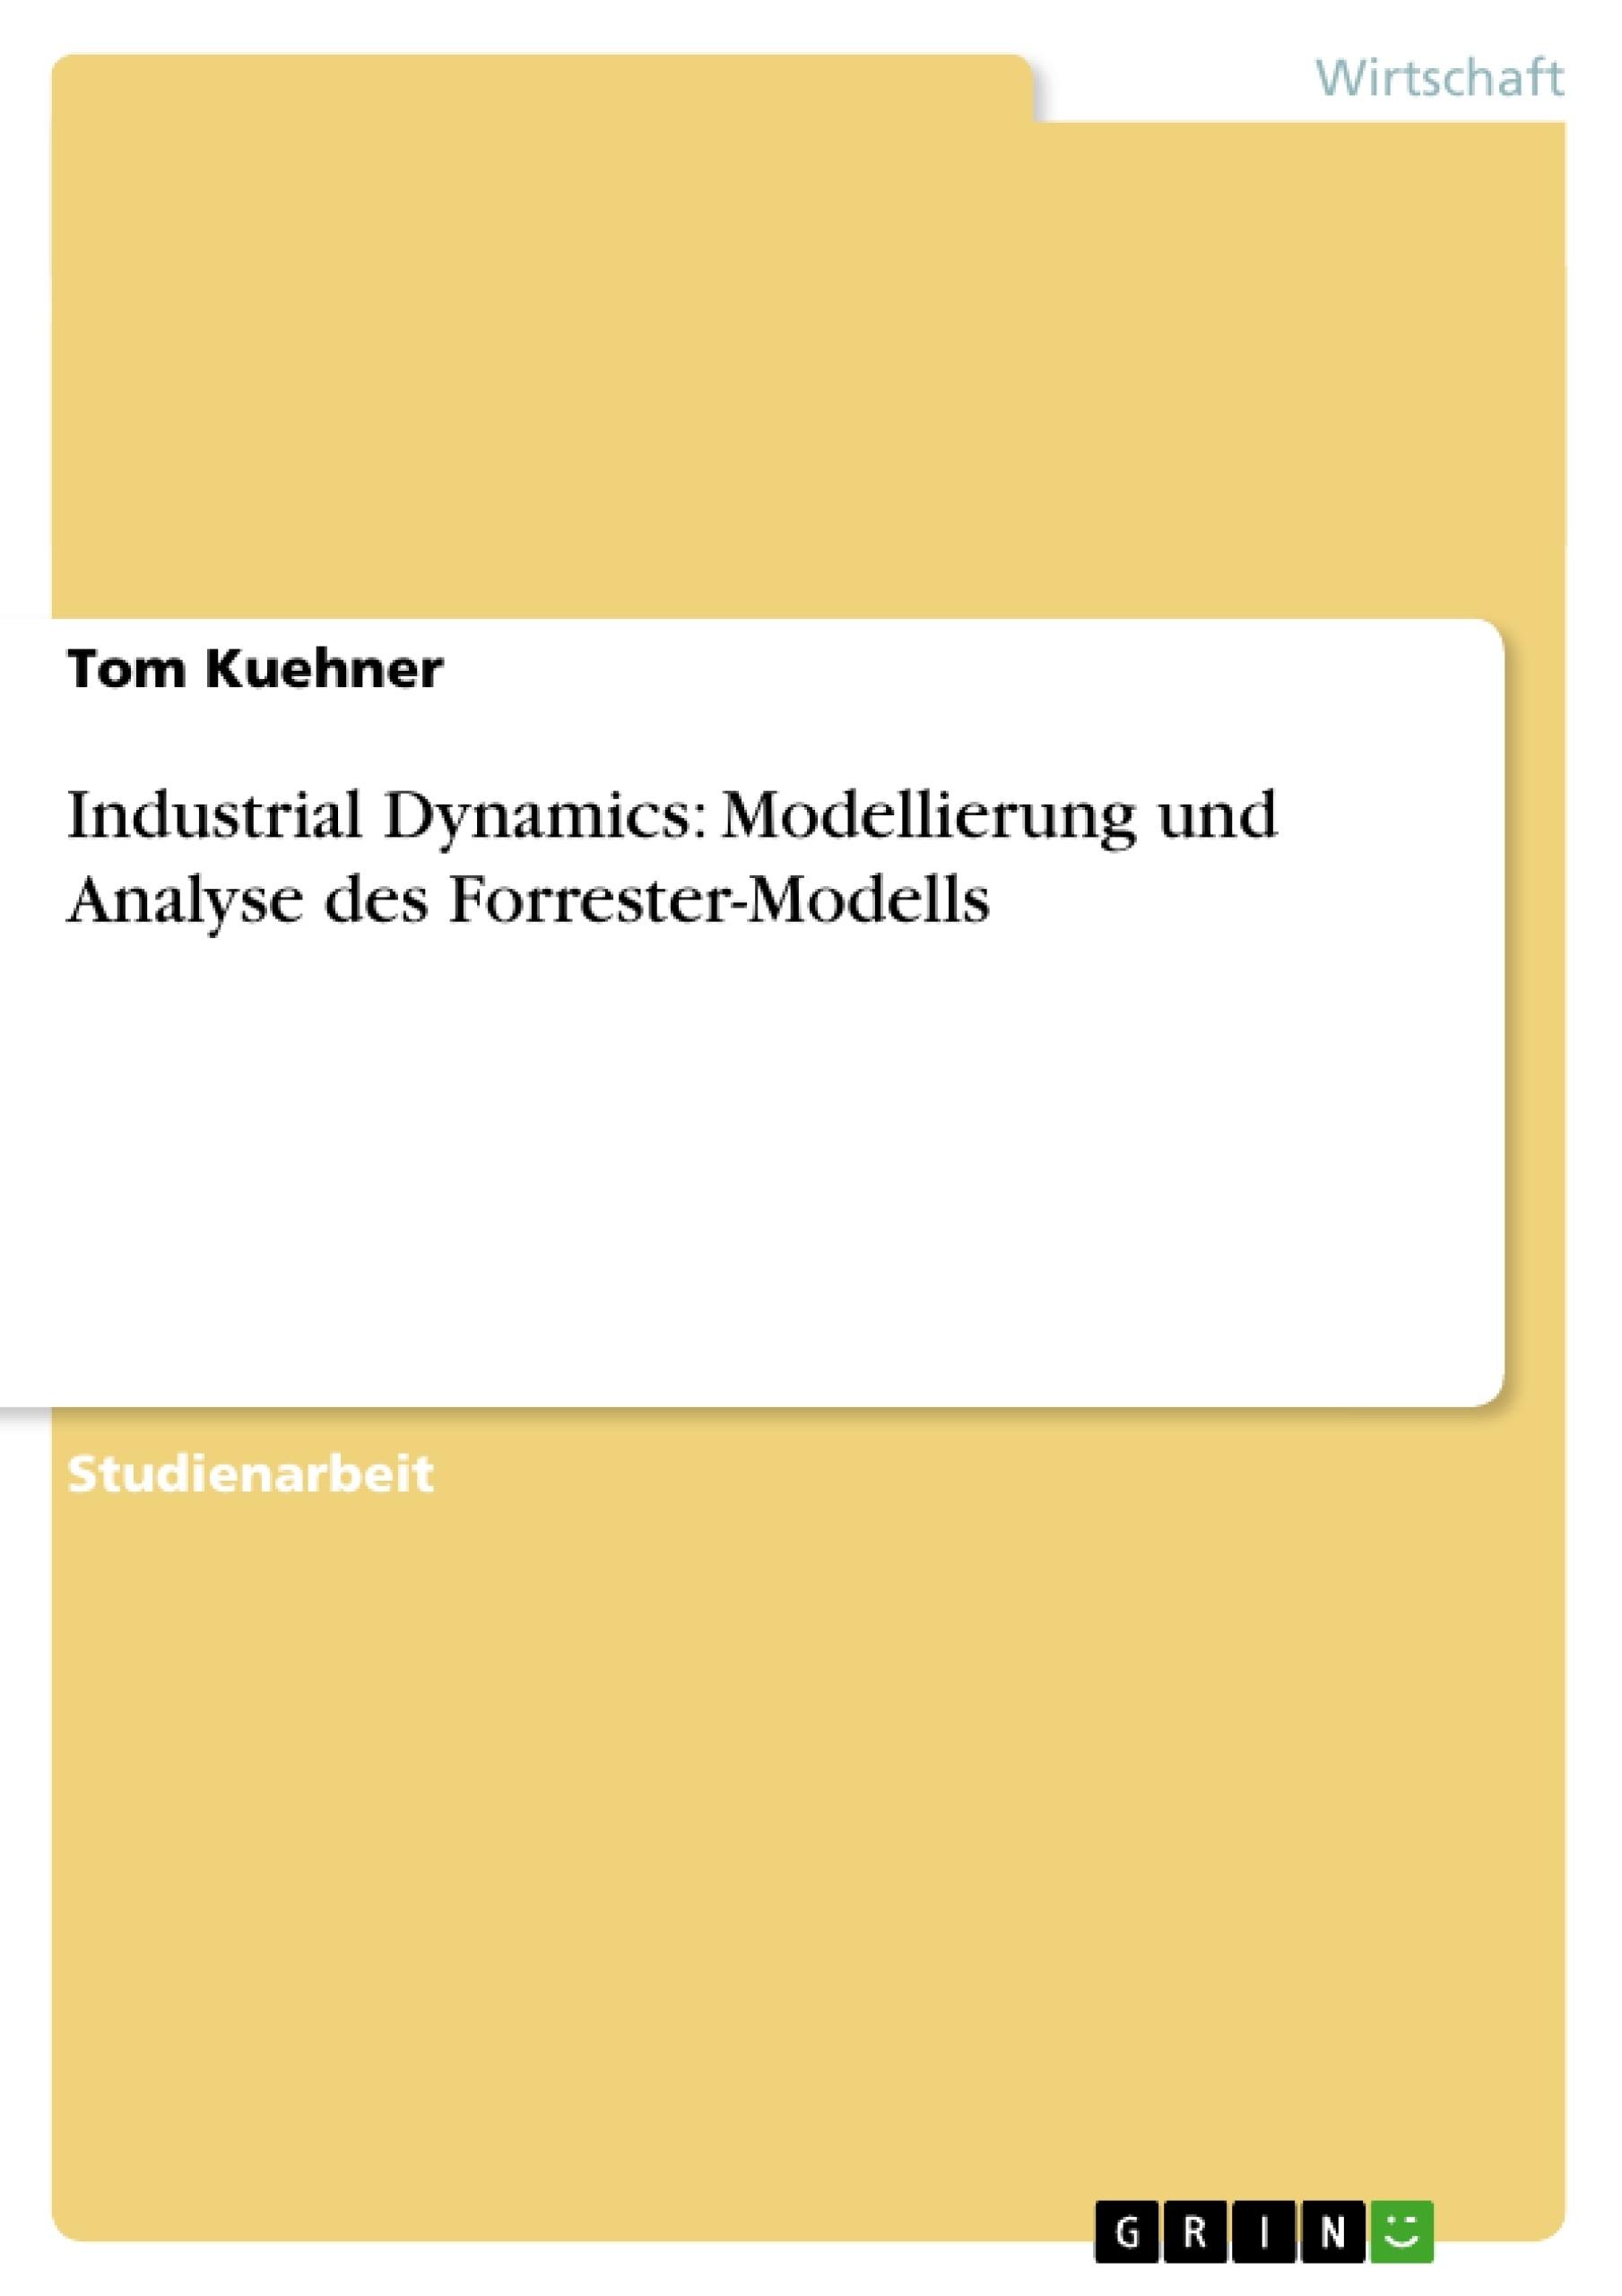 Titel: Industrial Dynamics: Modellierung und Analyse des Forrester-Modells